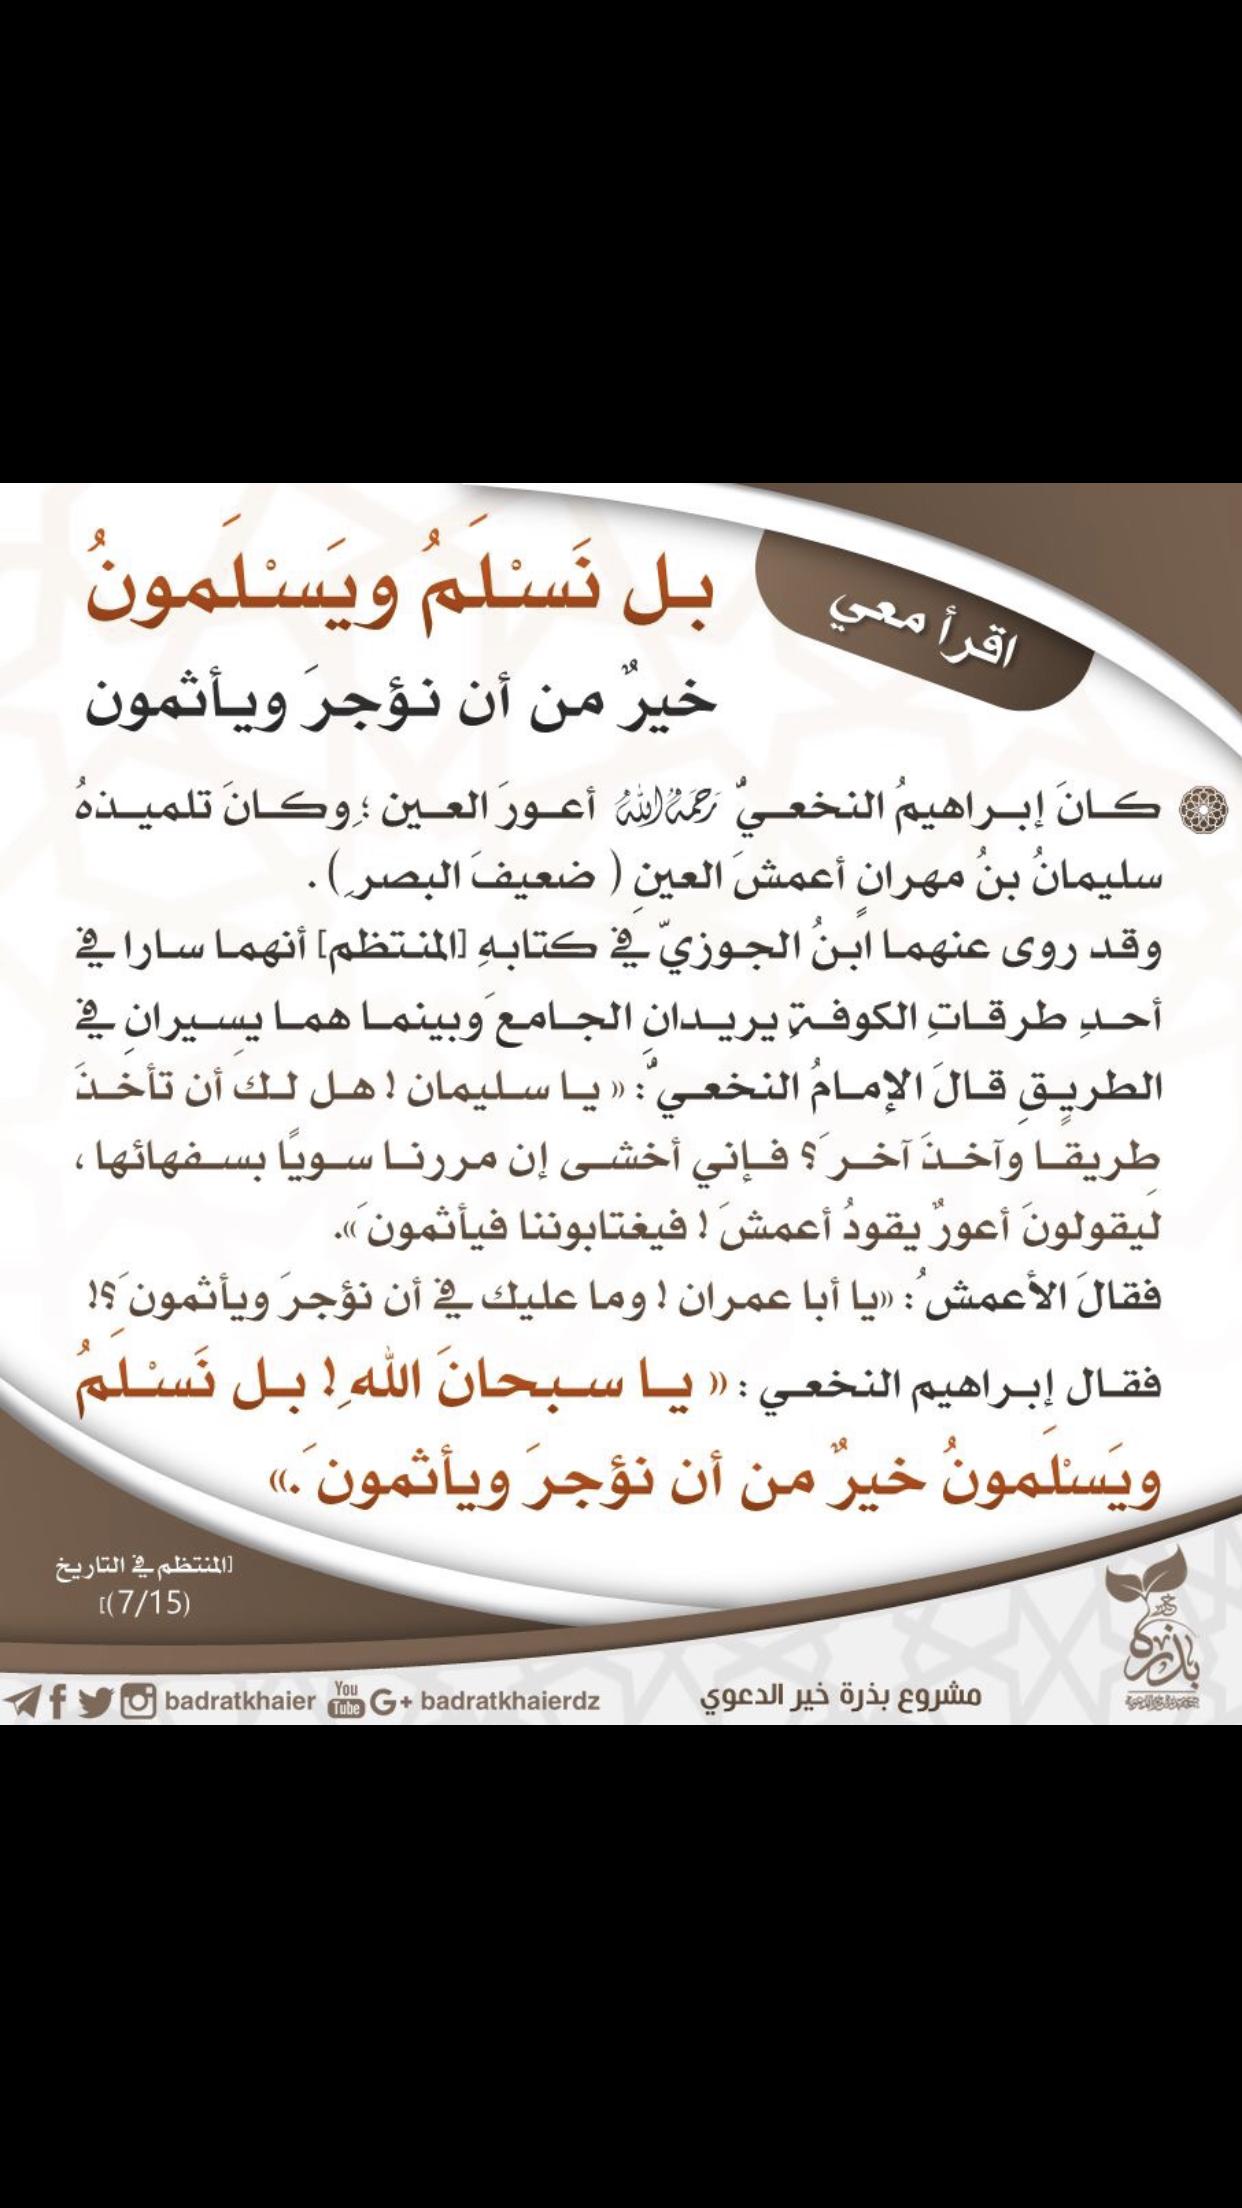 Pin By Manar Nabi On نهج الصالحين Islam Hadith Duaa Islam Words